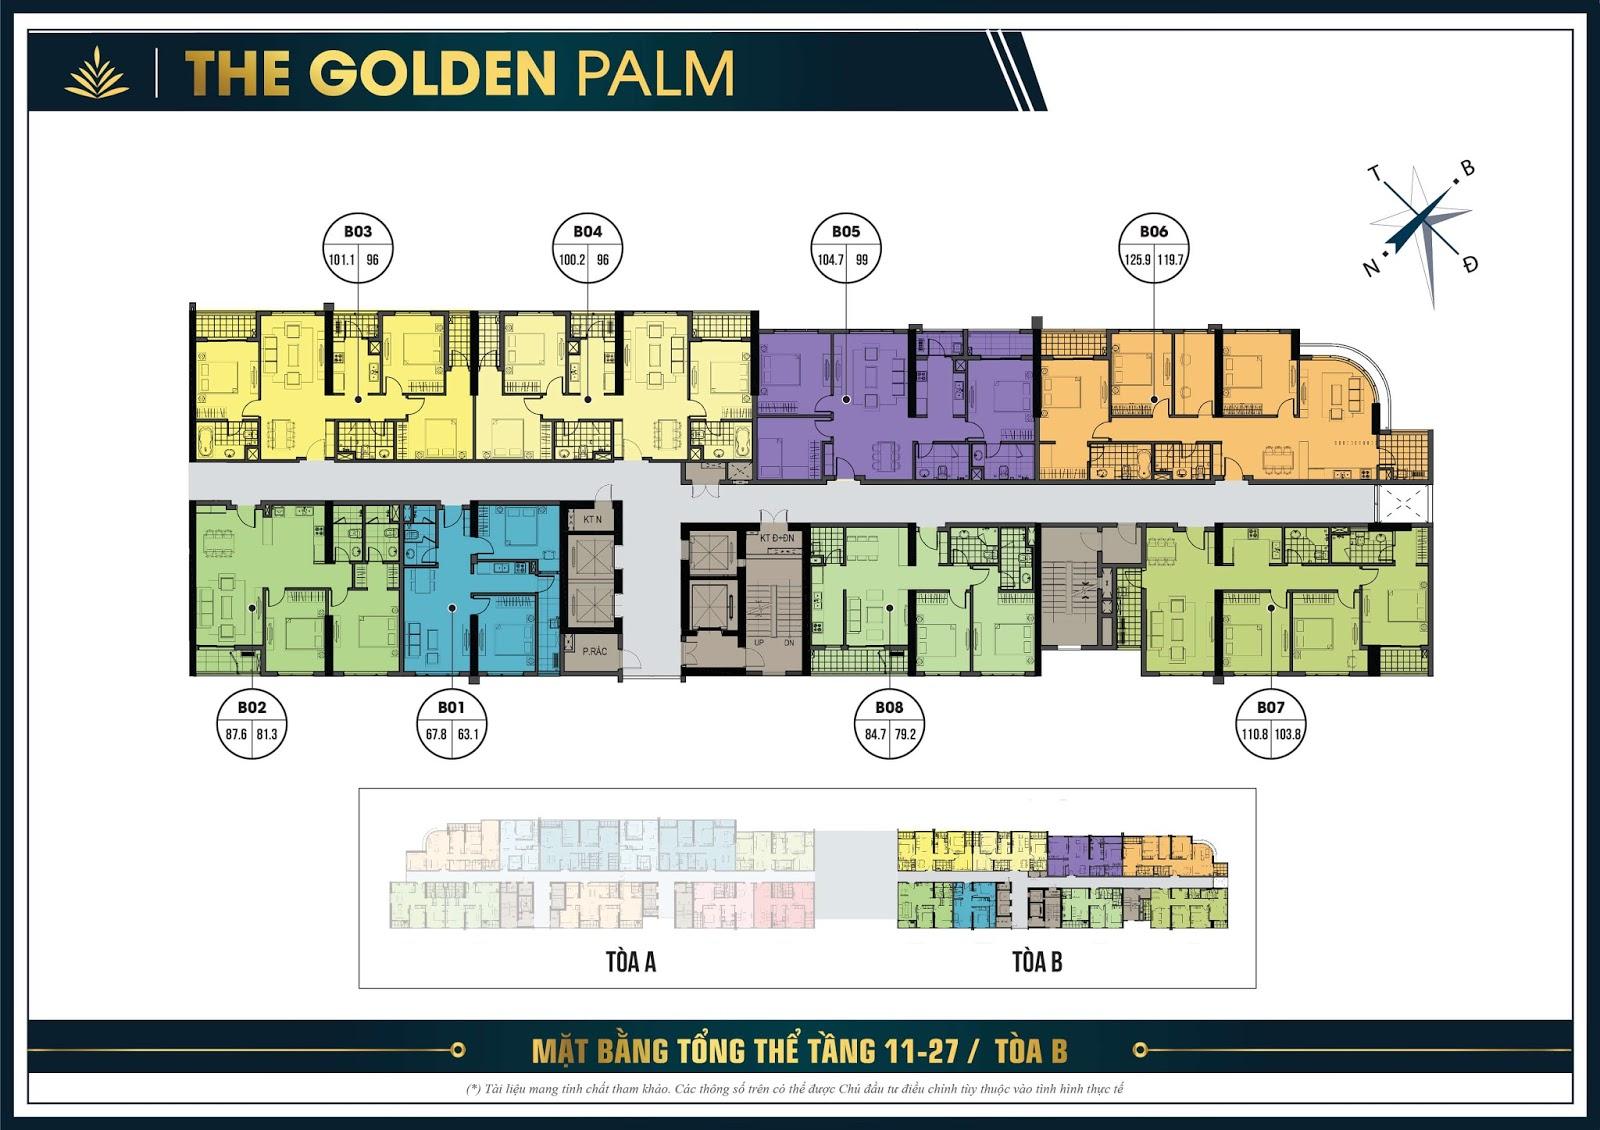 Thiết kế mặt bằng căn hộ điển hình tầng 11 đến 27 tòa B - The Golden Palm